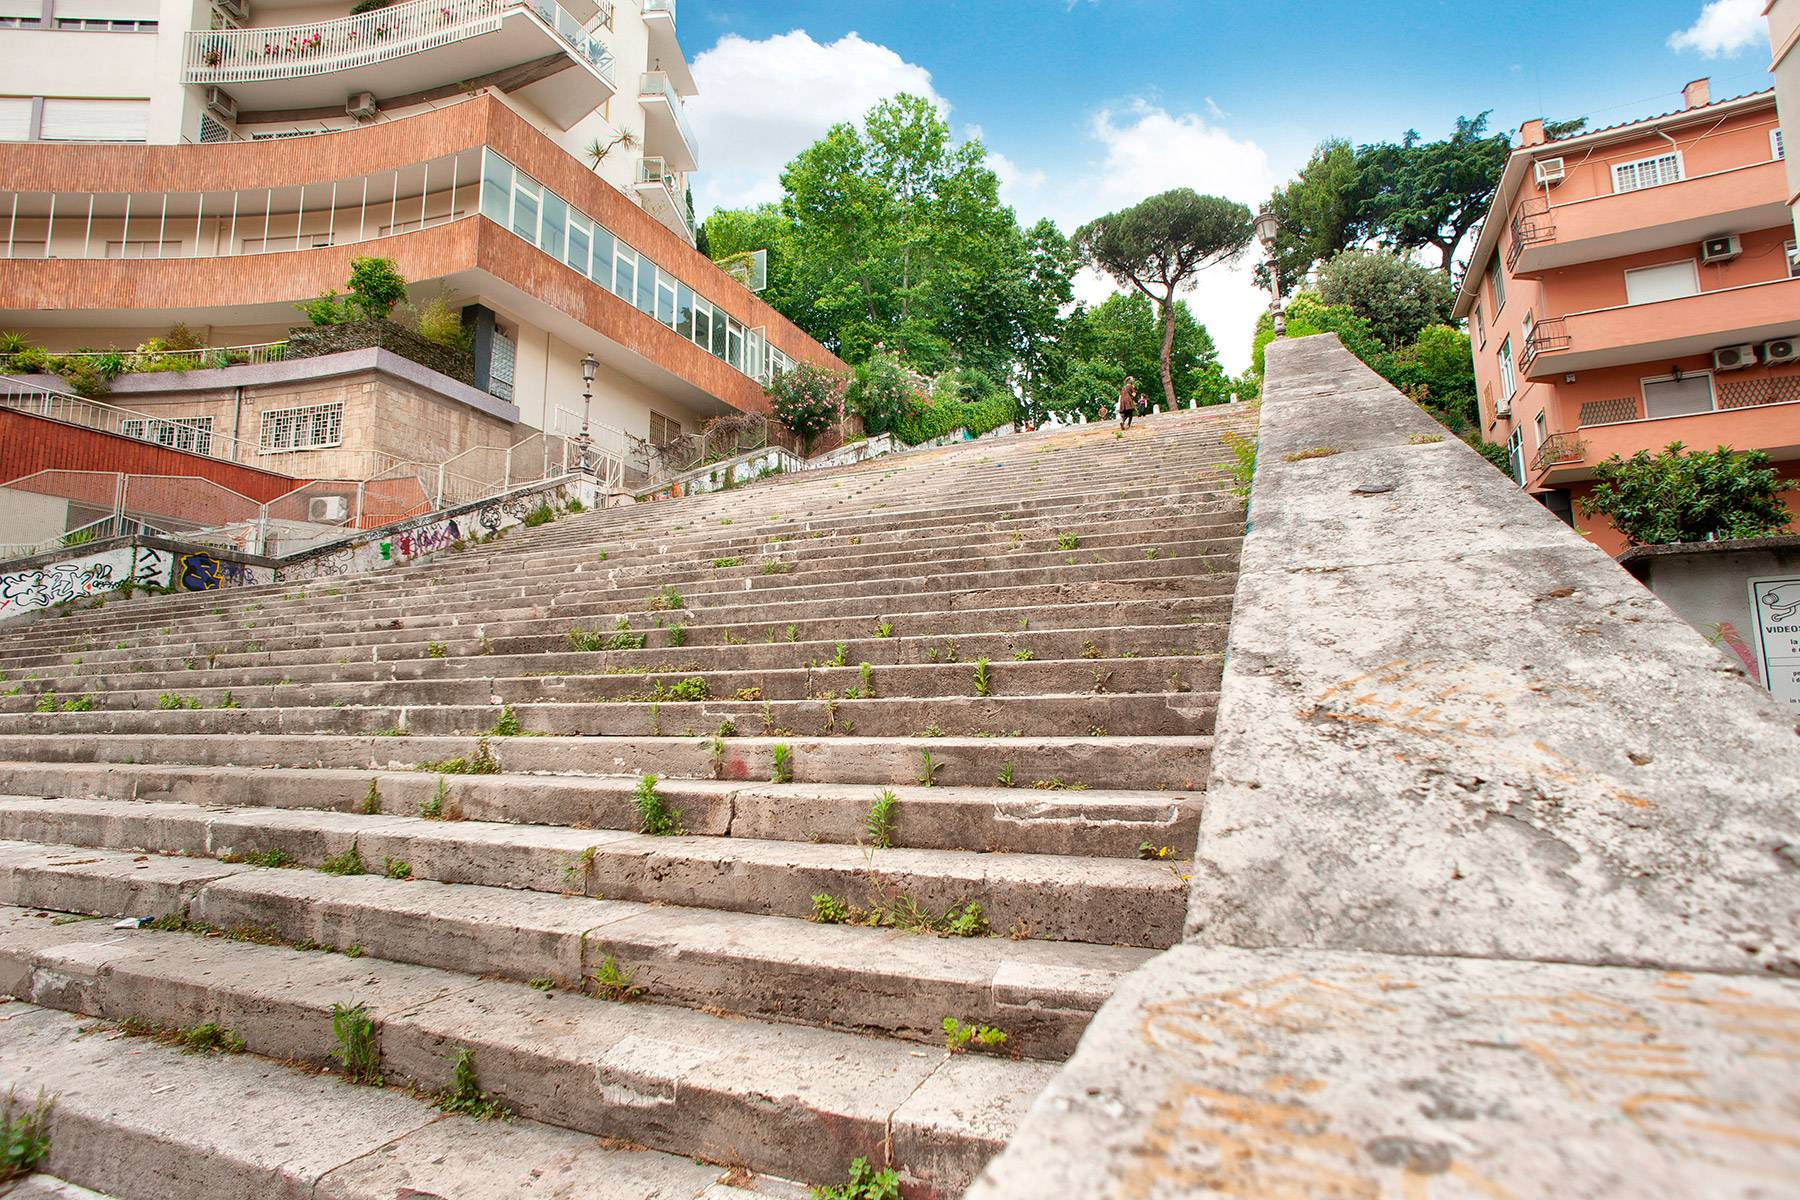 Attico in Affitto a Roma: 3 locali, 68 mq - Foto 13